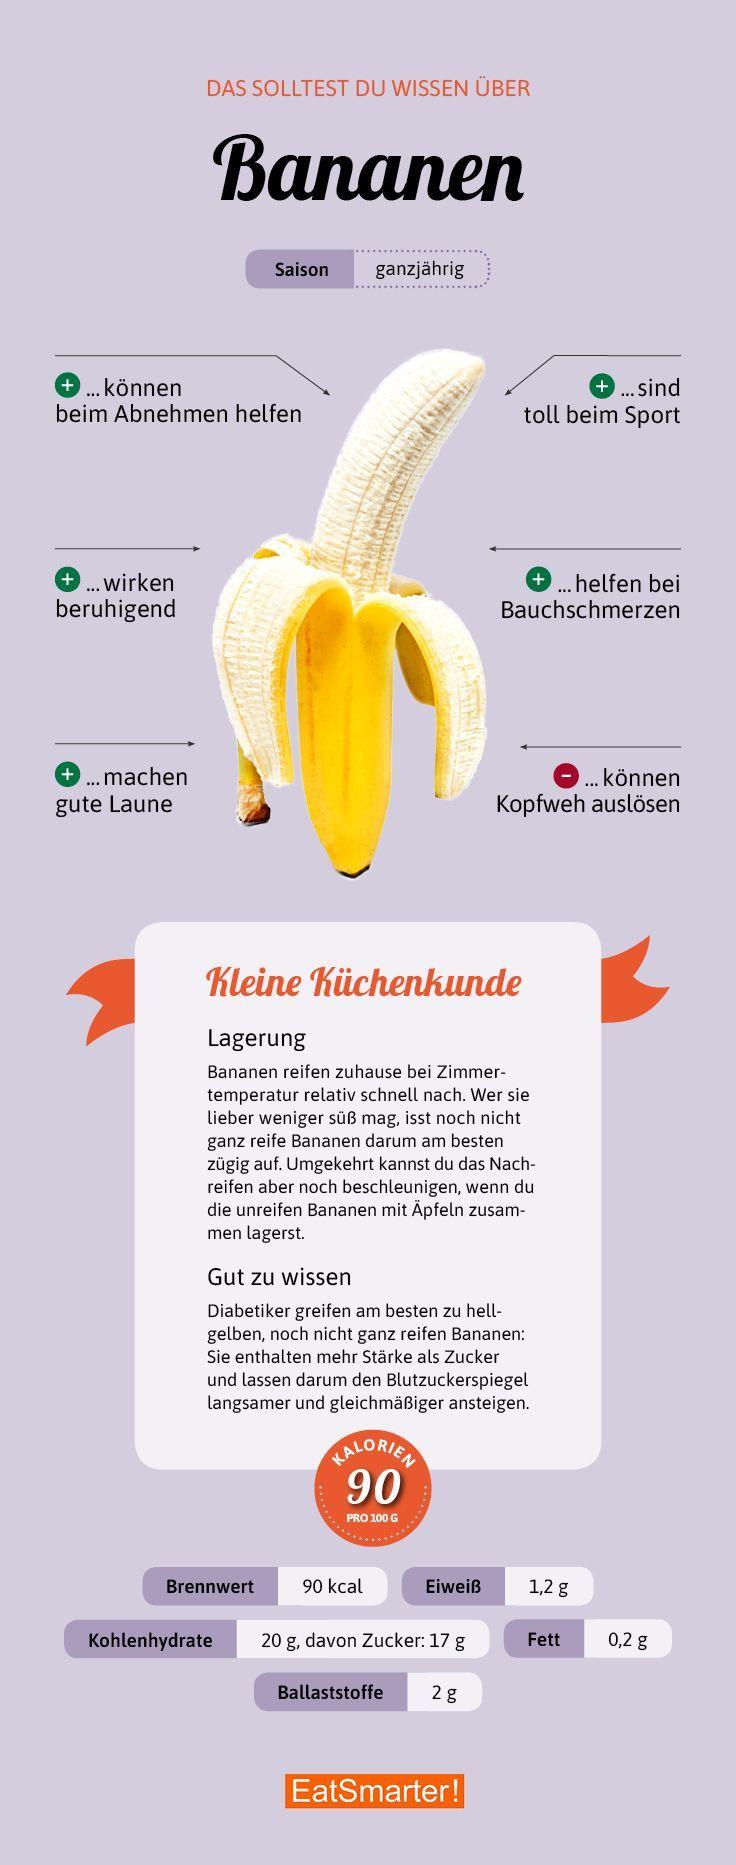 Das Wichtigste zusammengefasst über Bananen. #gemüse #inhaltsstoffe #ernährung